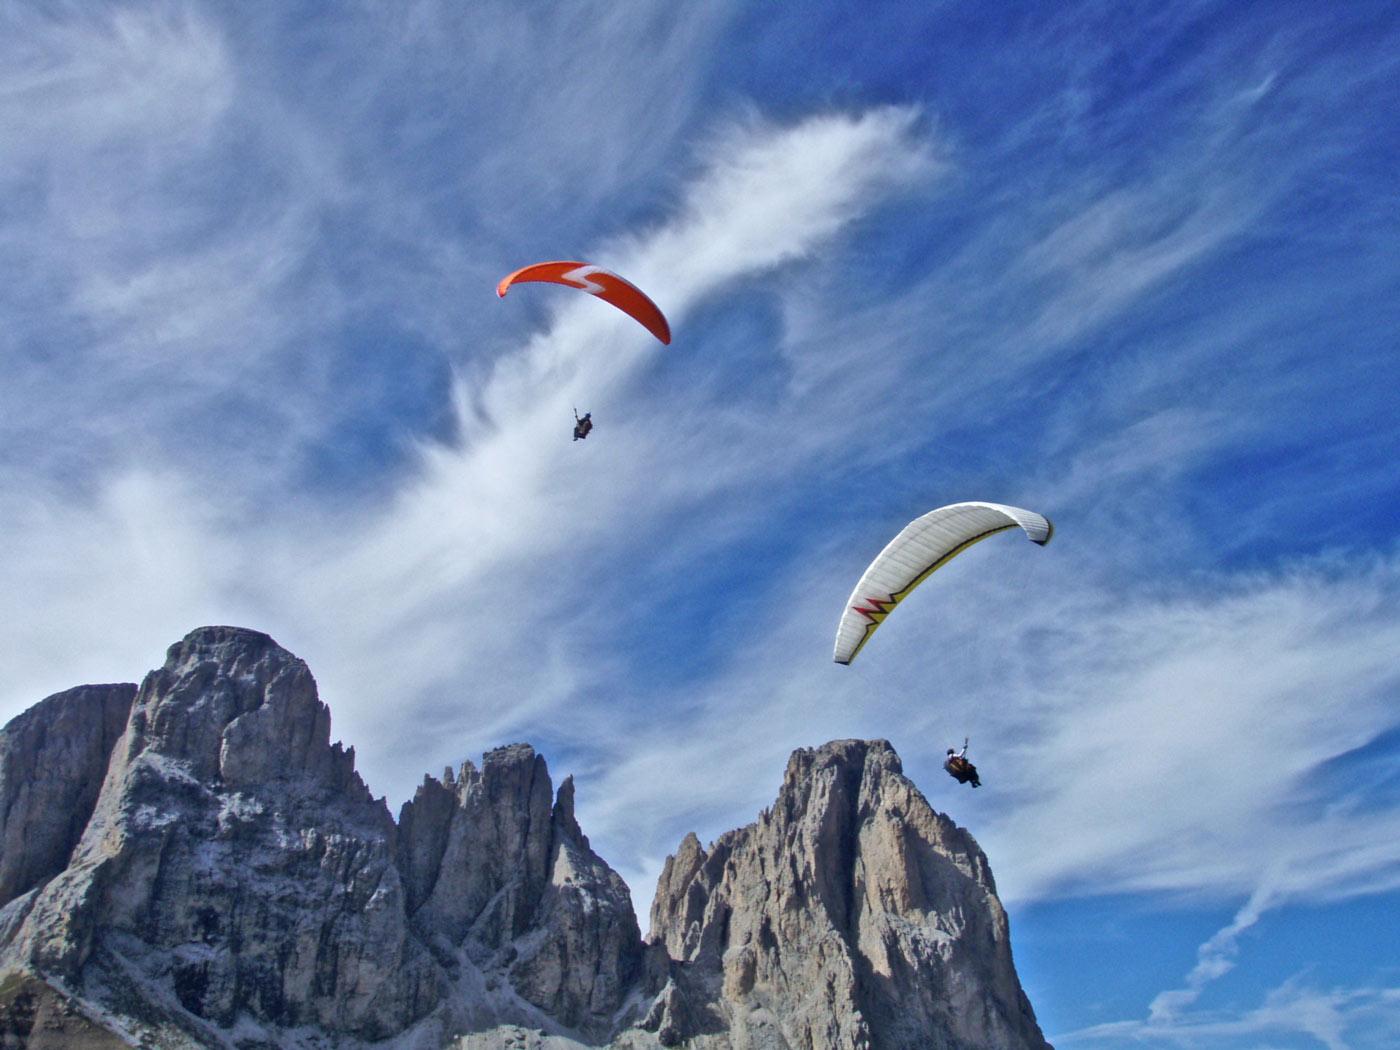 Die felsigen Gipfel der Dolomiten lassen die Herzen der Gleitschirmpiloten höher schlagen.